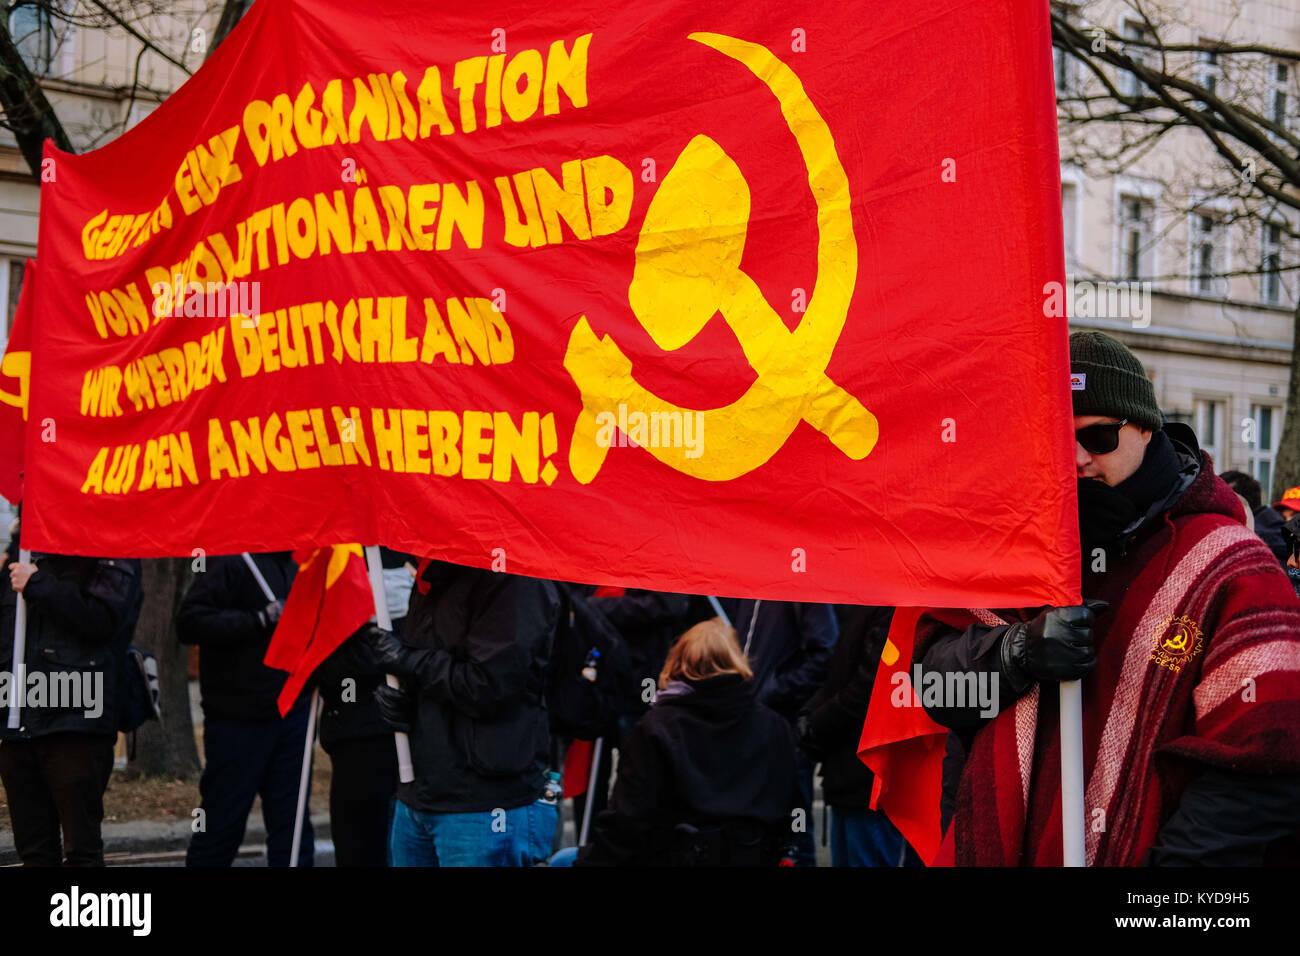 Communist Banner Stockfotos & Communist Banner Bilder - Alamy